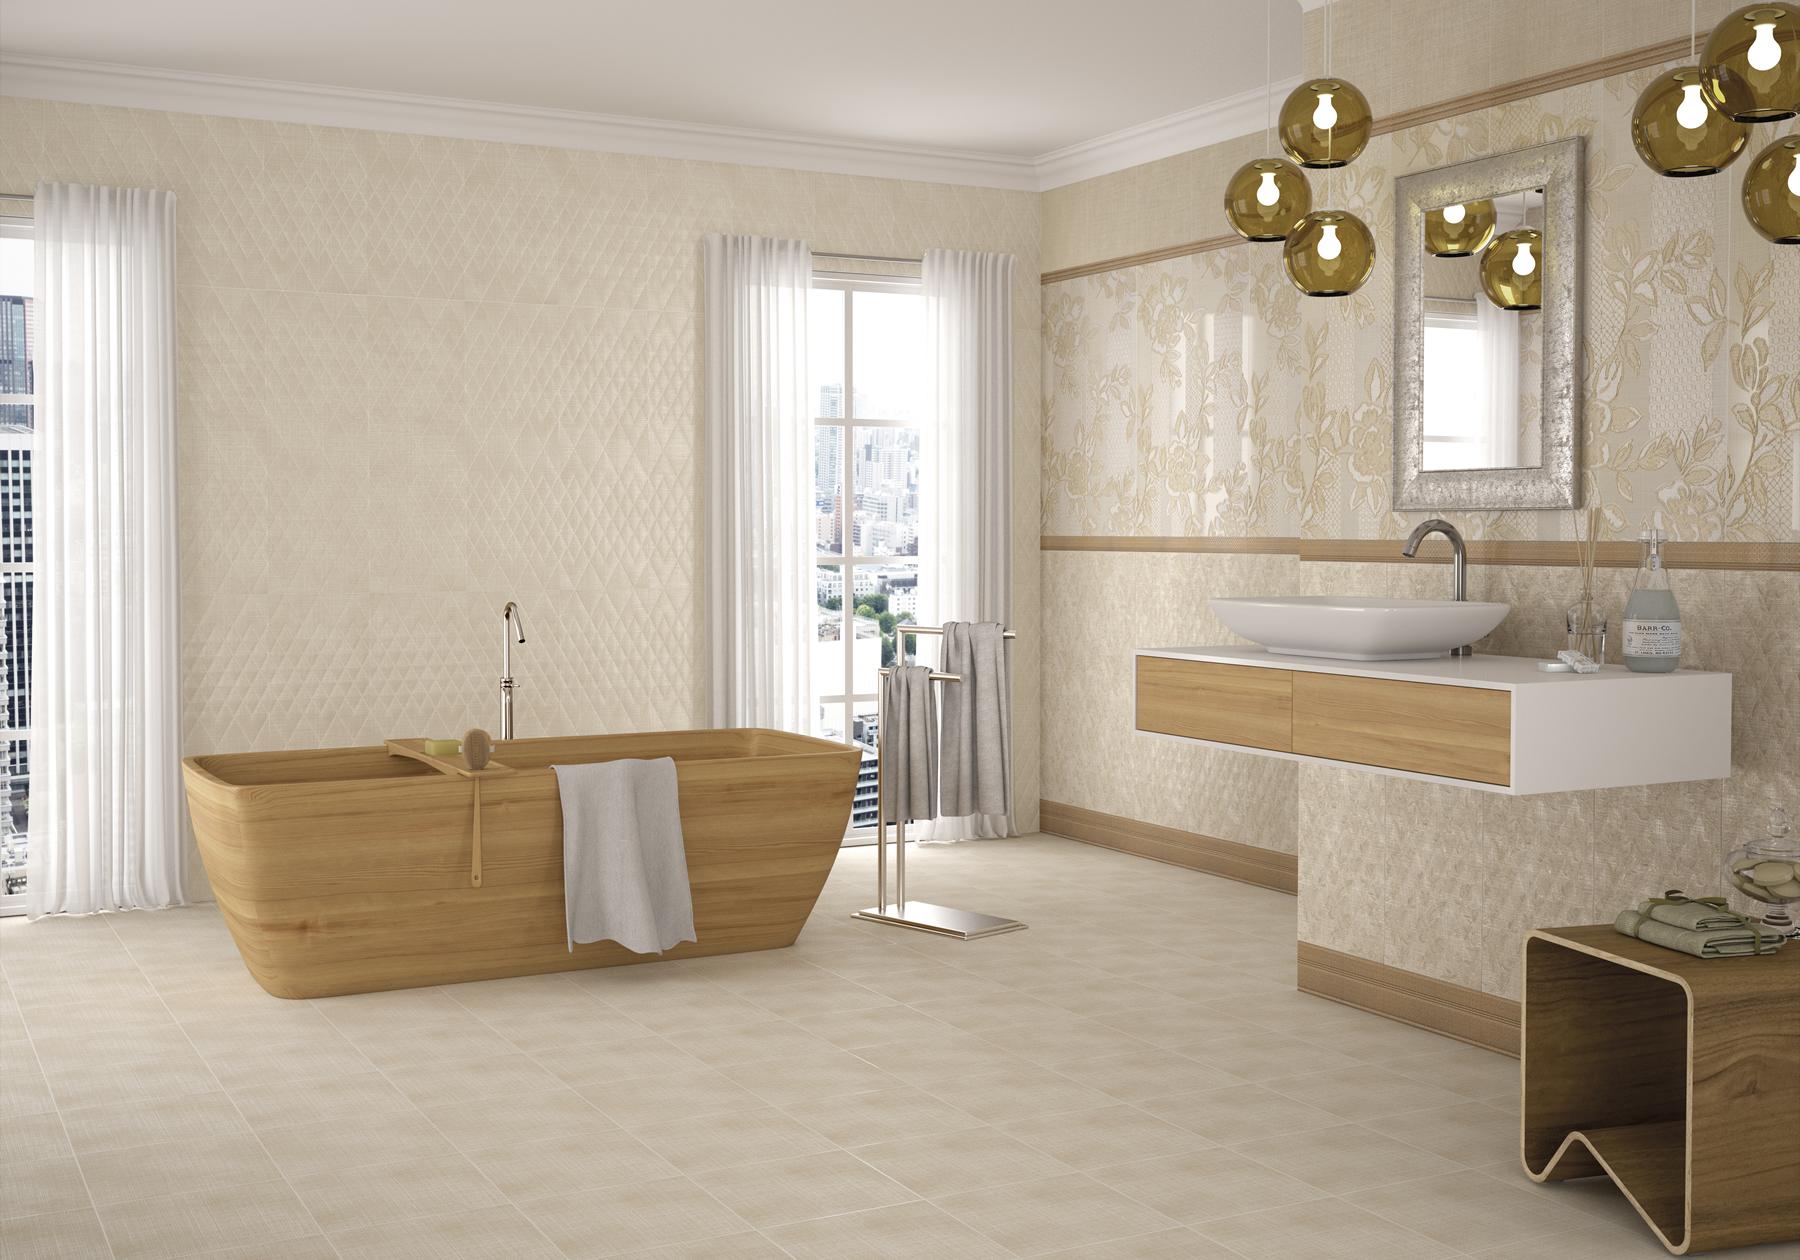 shower enclusers lebanon, bathtubs lebanon, ceramic tiles lebanon, sanitary ware lebanon, sanitaryware lebanon, bathtubs Lebanon